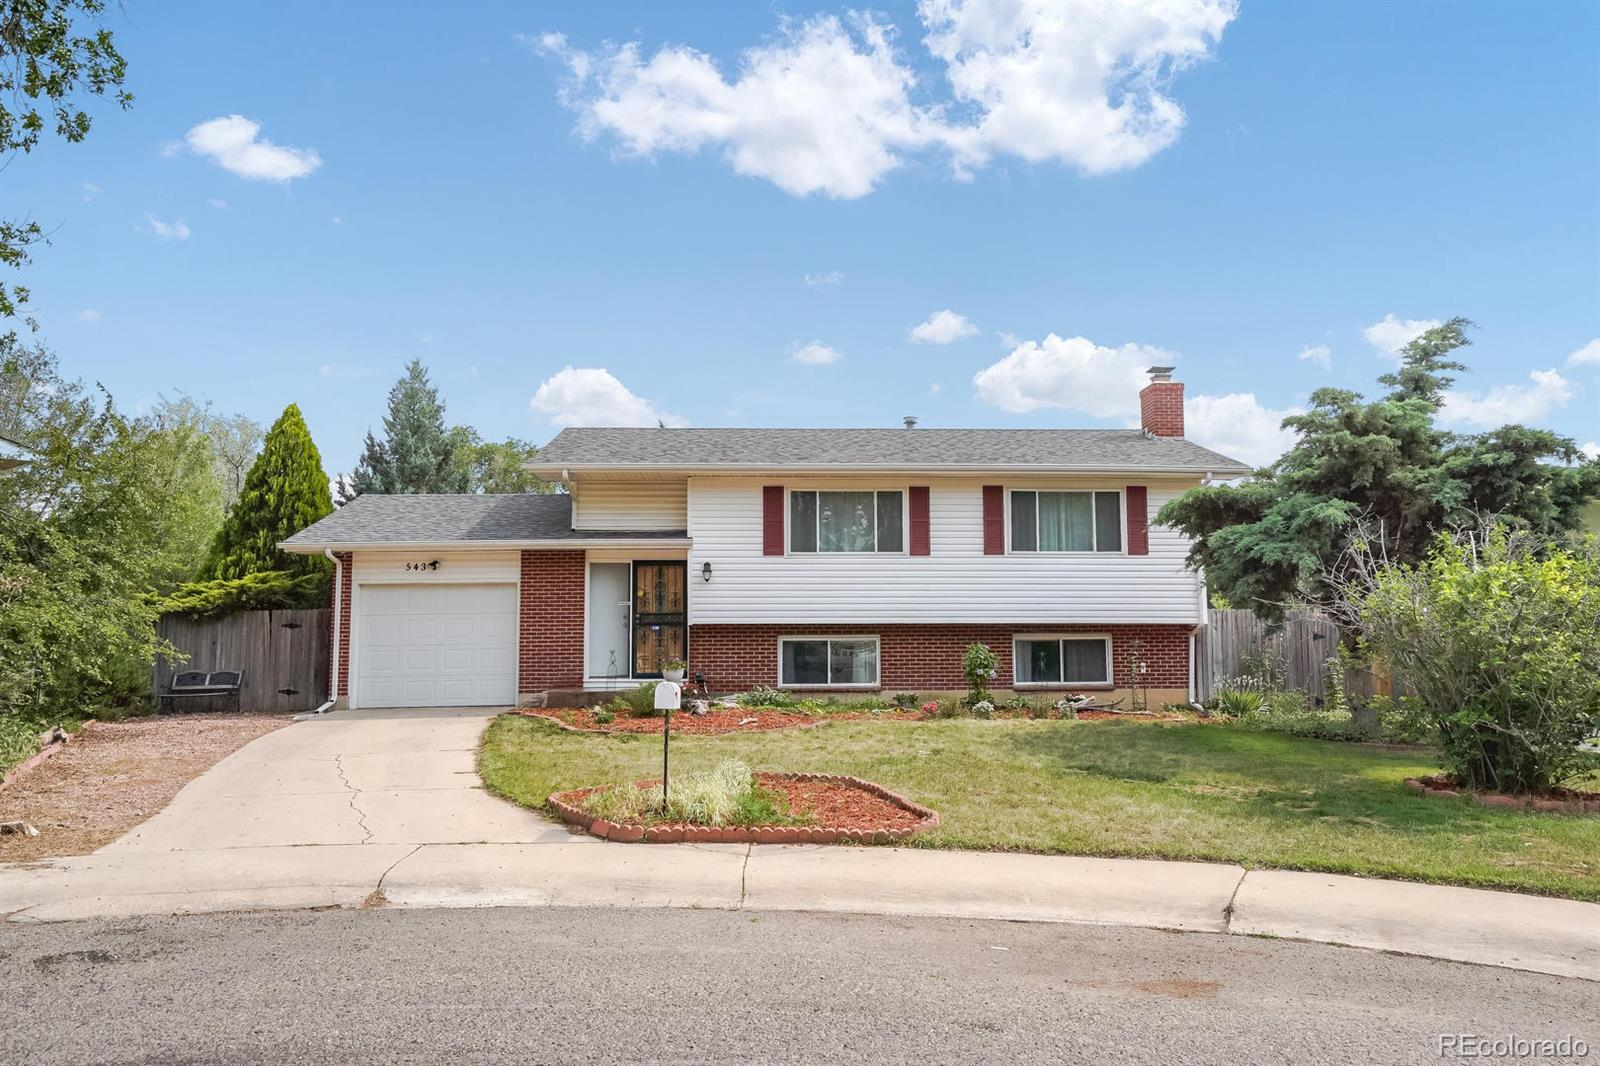 MLS# 2416147 - 2 - 543 Bickley Circle, Colorado Springs, CO 80911